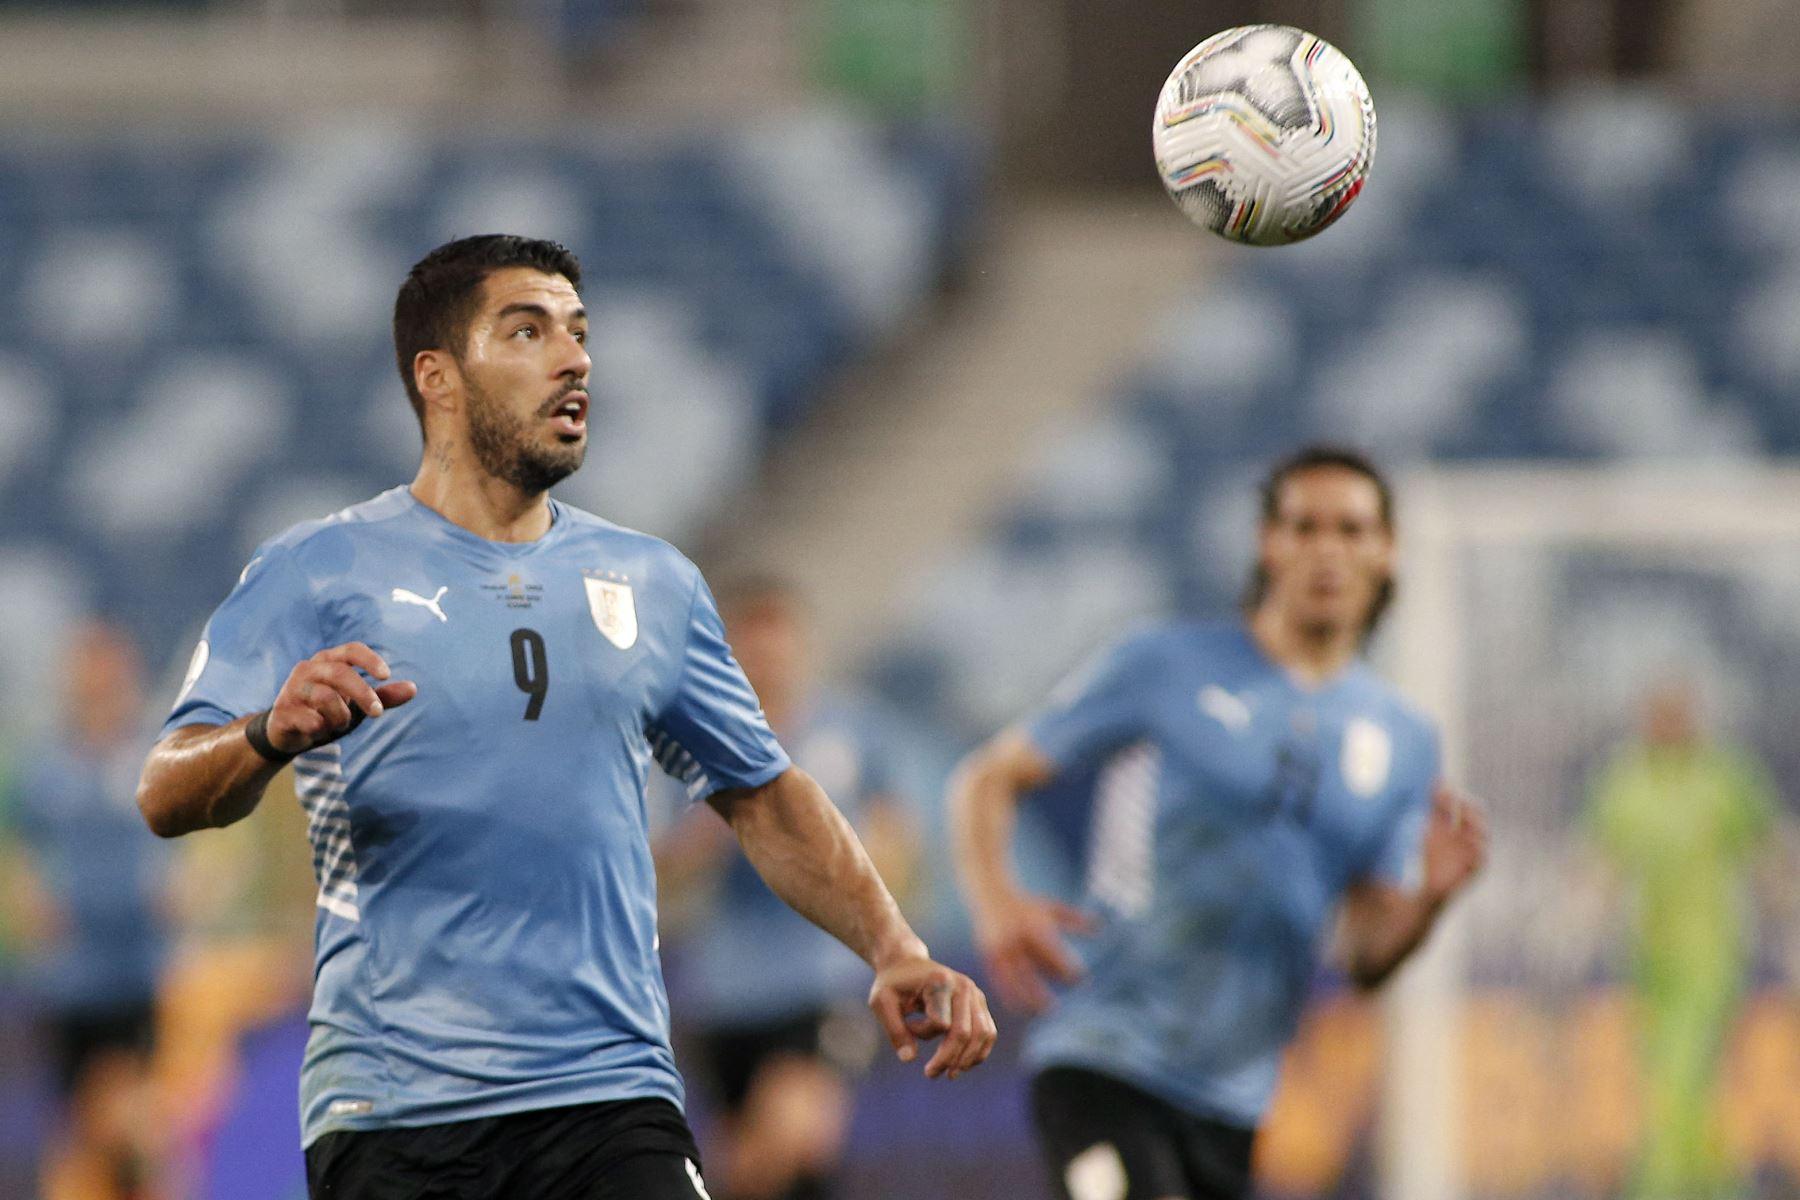 El uruguayo Luis Suárez mira el balón durante el partido de la fase de grupos del torneo de fútbol Conmebol Copa América 2021 contra Chile en el Pantanal Arena de Cuiabá, Brasil. Foto: AFP